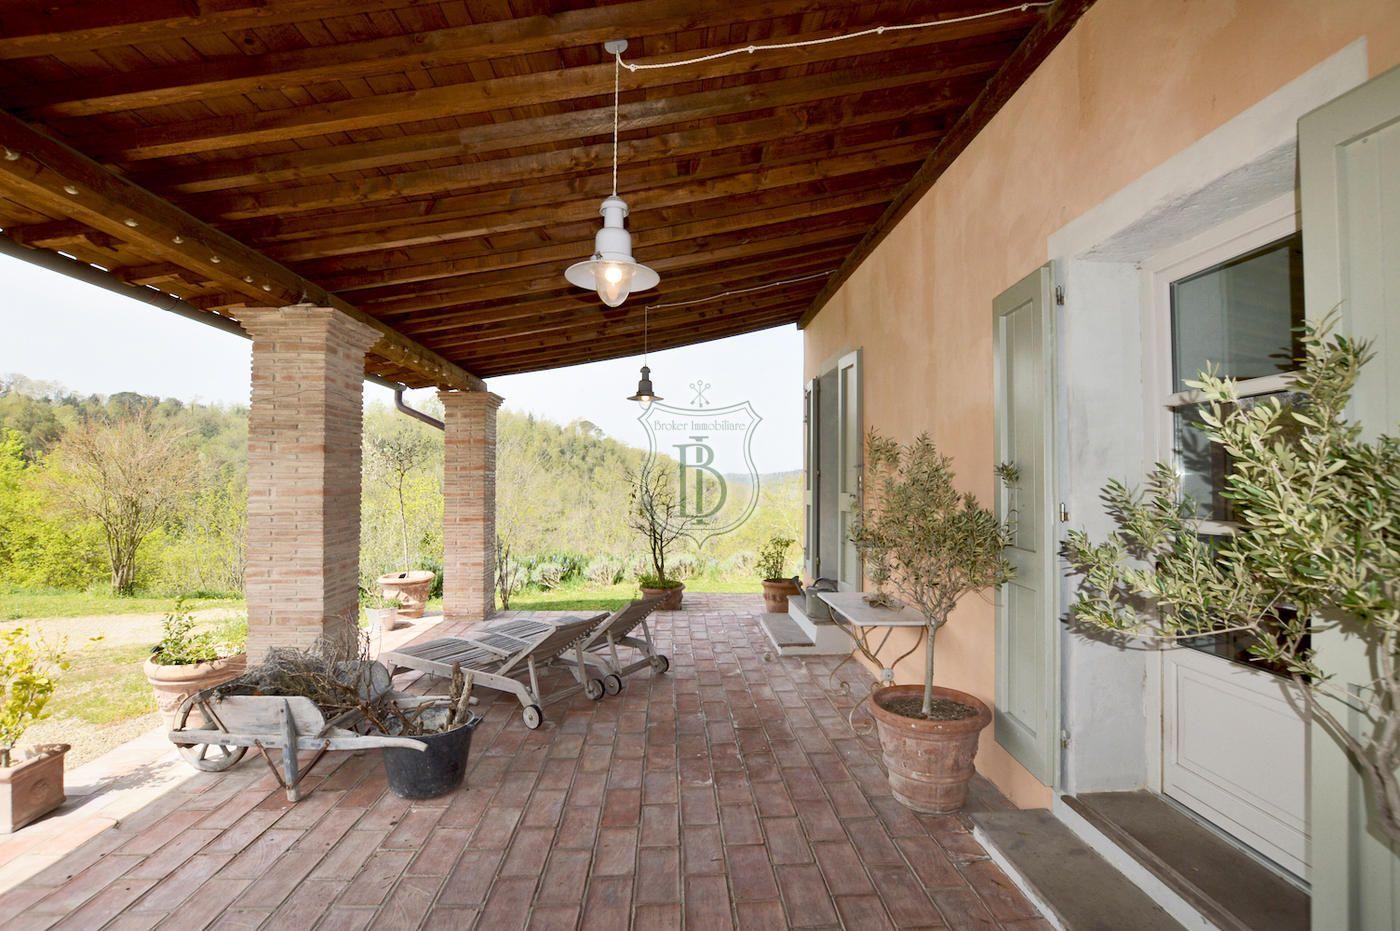 Casale Ristrutturato In Vendita Sulle Colline Pisane Progetto Casa Disegni Esterno Casa Rustico